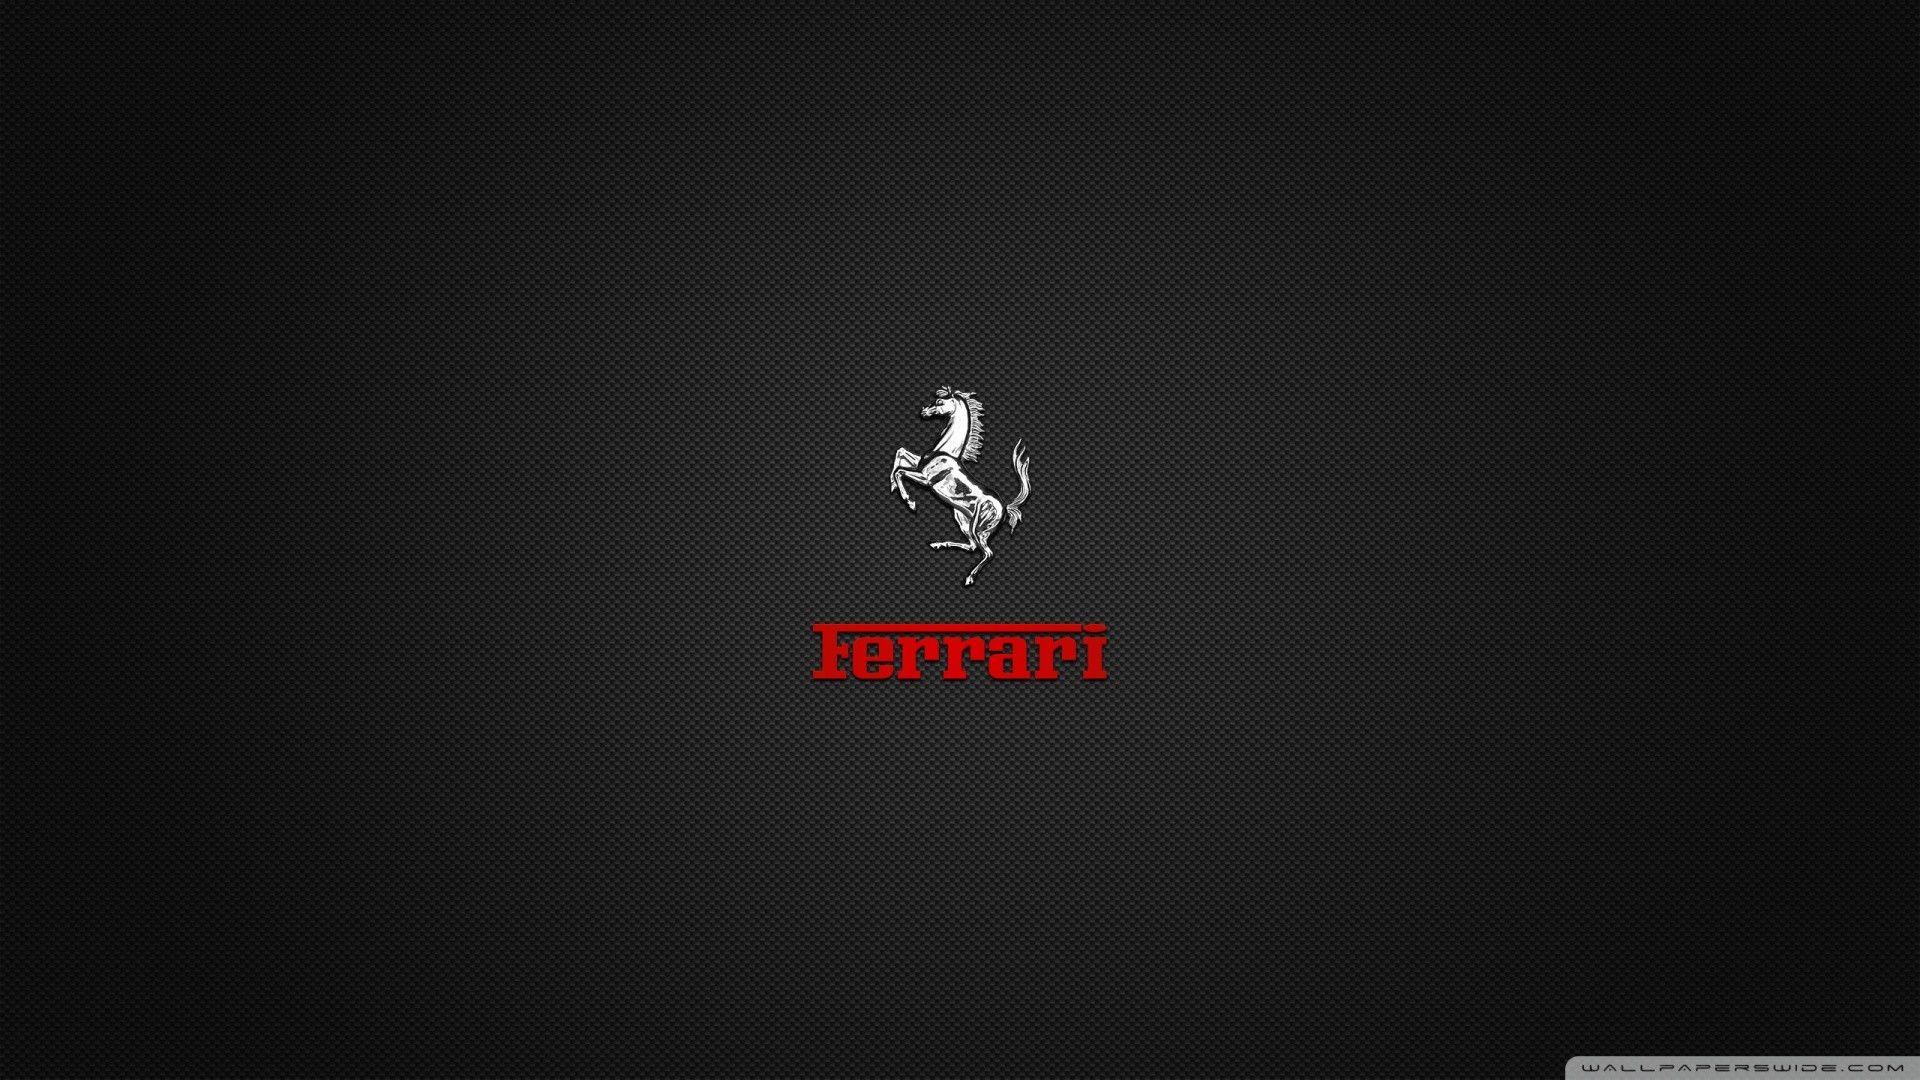 Ferrari Symbol Wallpaper ①